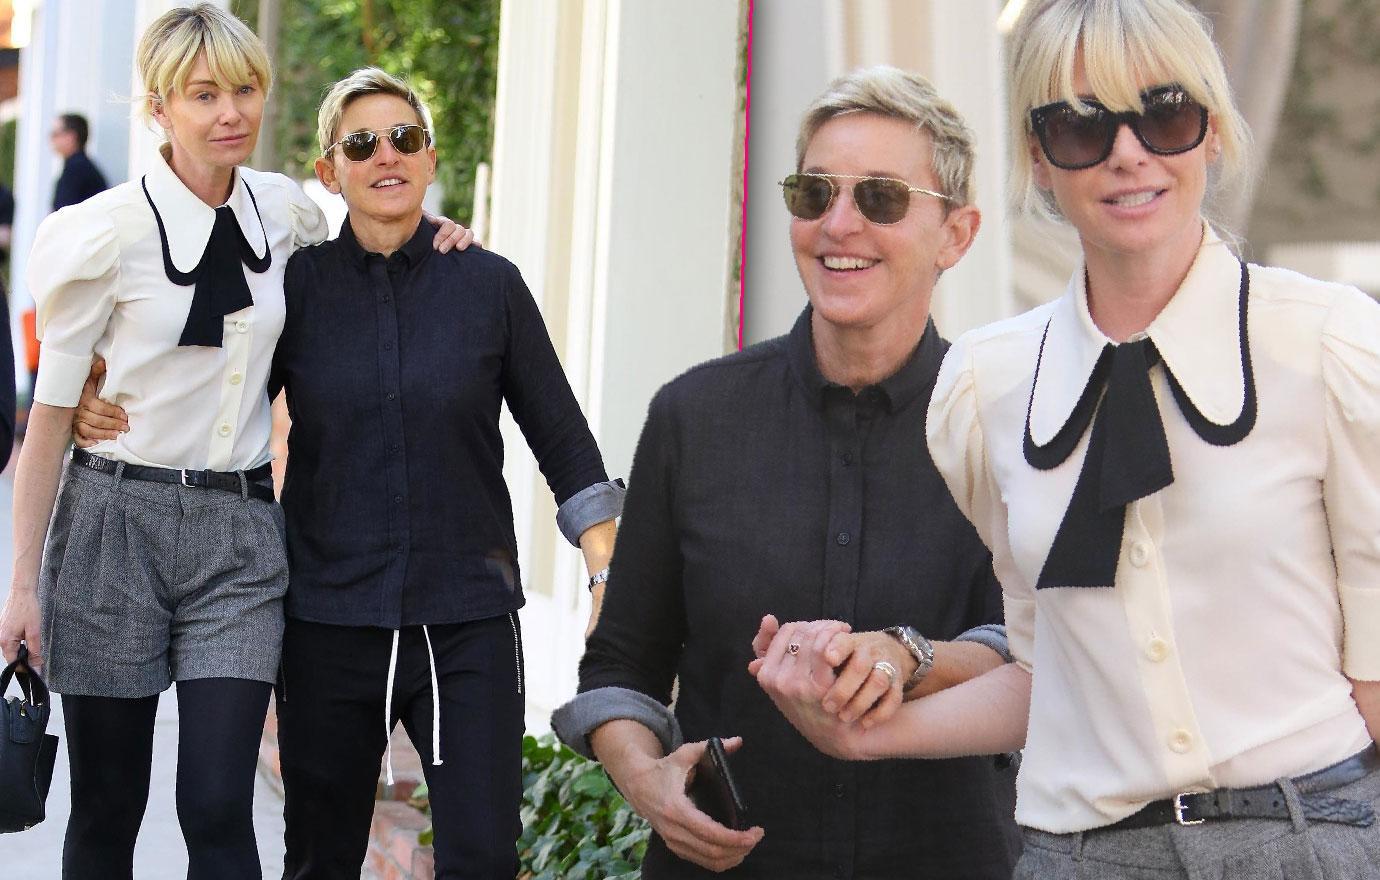 Ellen Degeneres Portia De Rossi Step Out Vow Renewal Soon